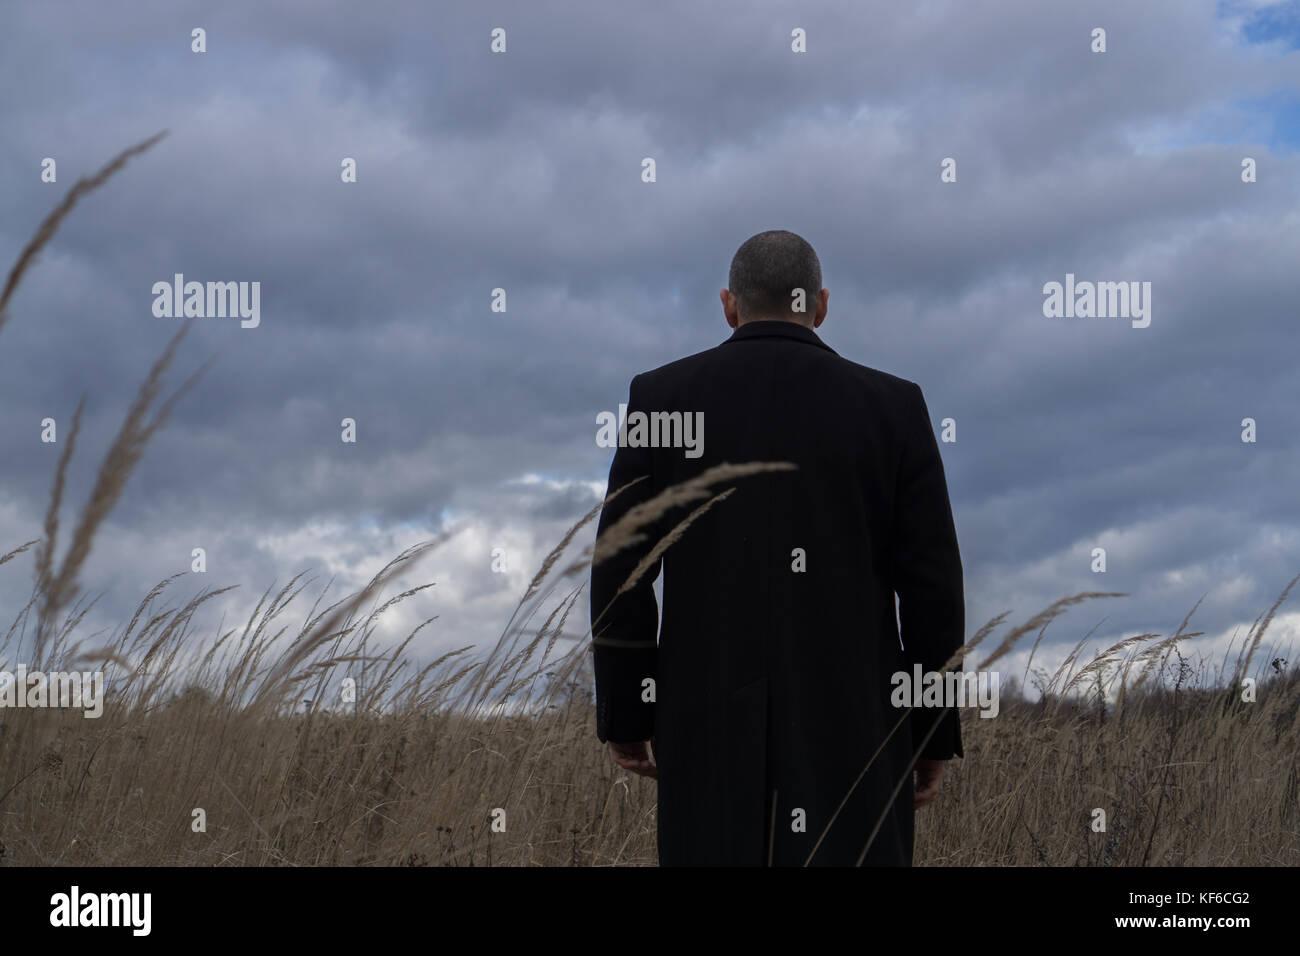 Vue arrière d'un homme portant un manteau debout dans un champ avec ciel nuageux Photo Stock